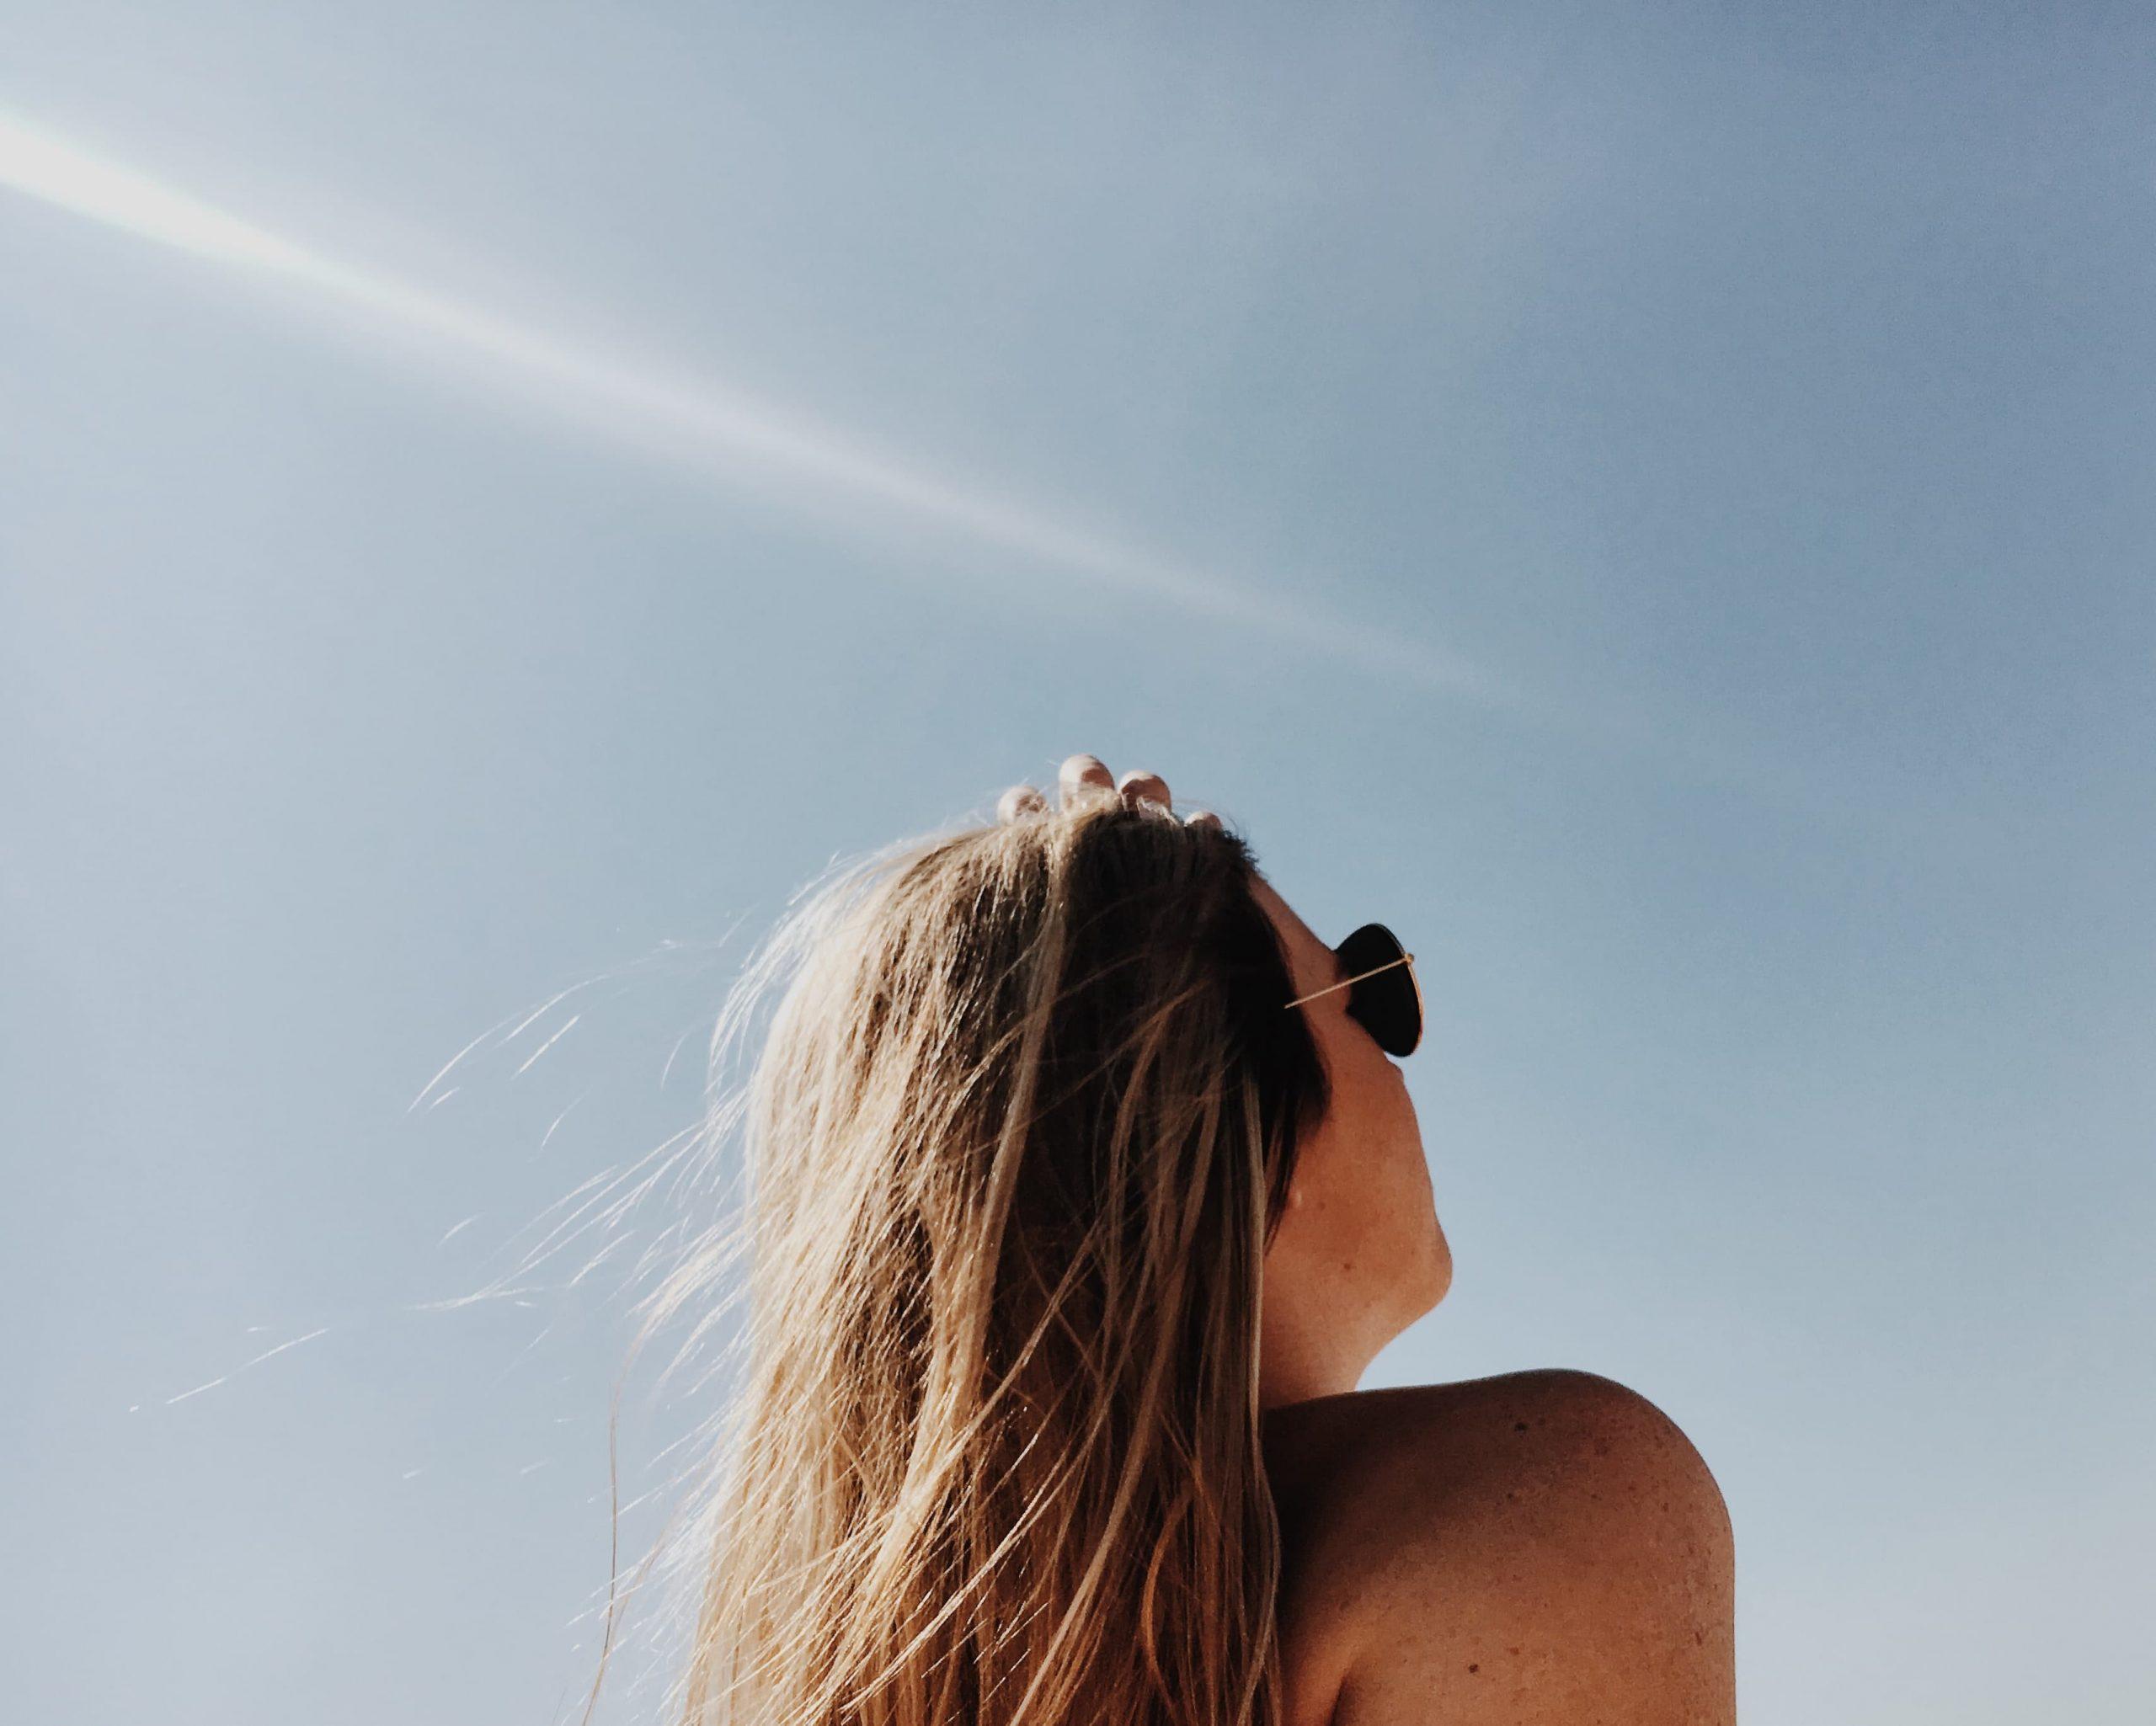 Maquillage : les do et don't pour un makeup on fleek à la plage